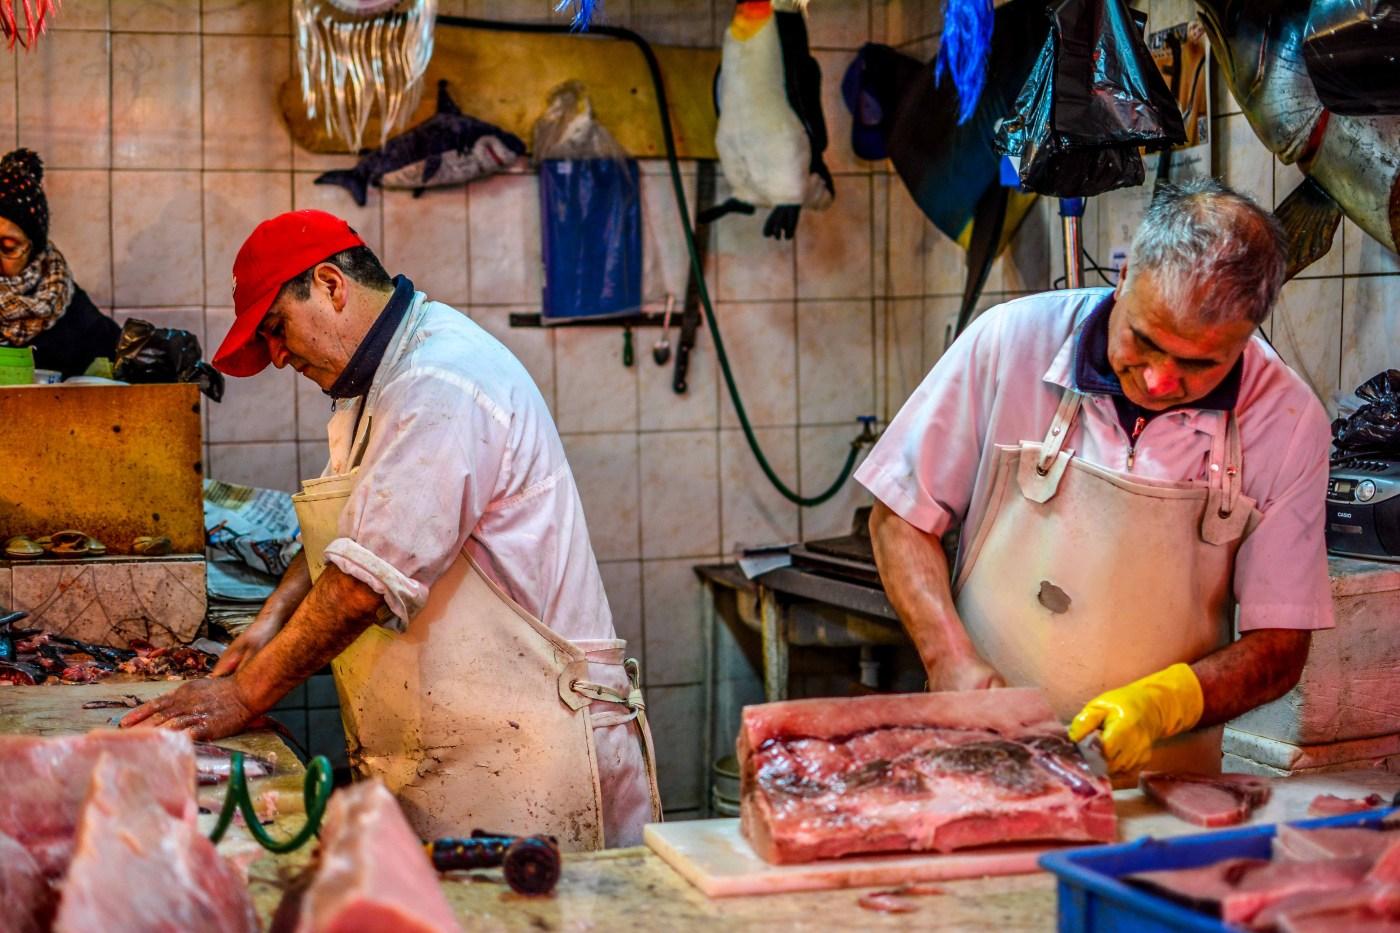 Mercado Central La Vega Central Santiago Chili Chile Amérique du Sud